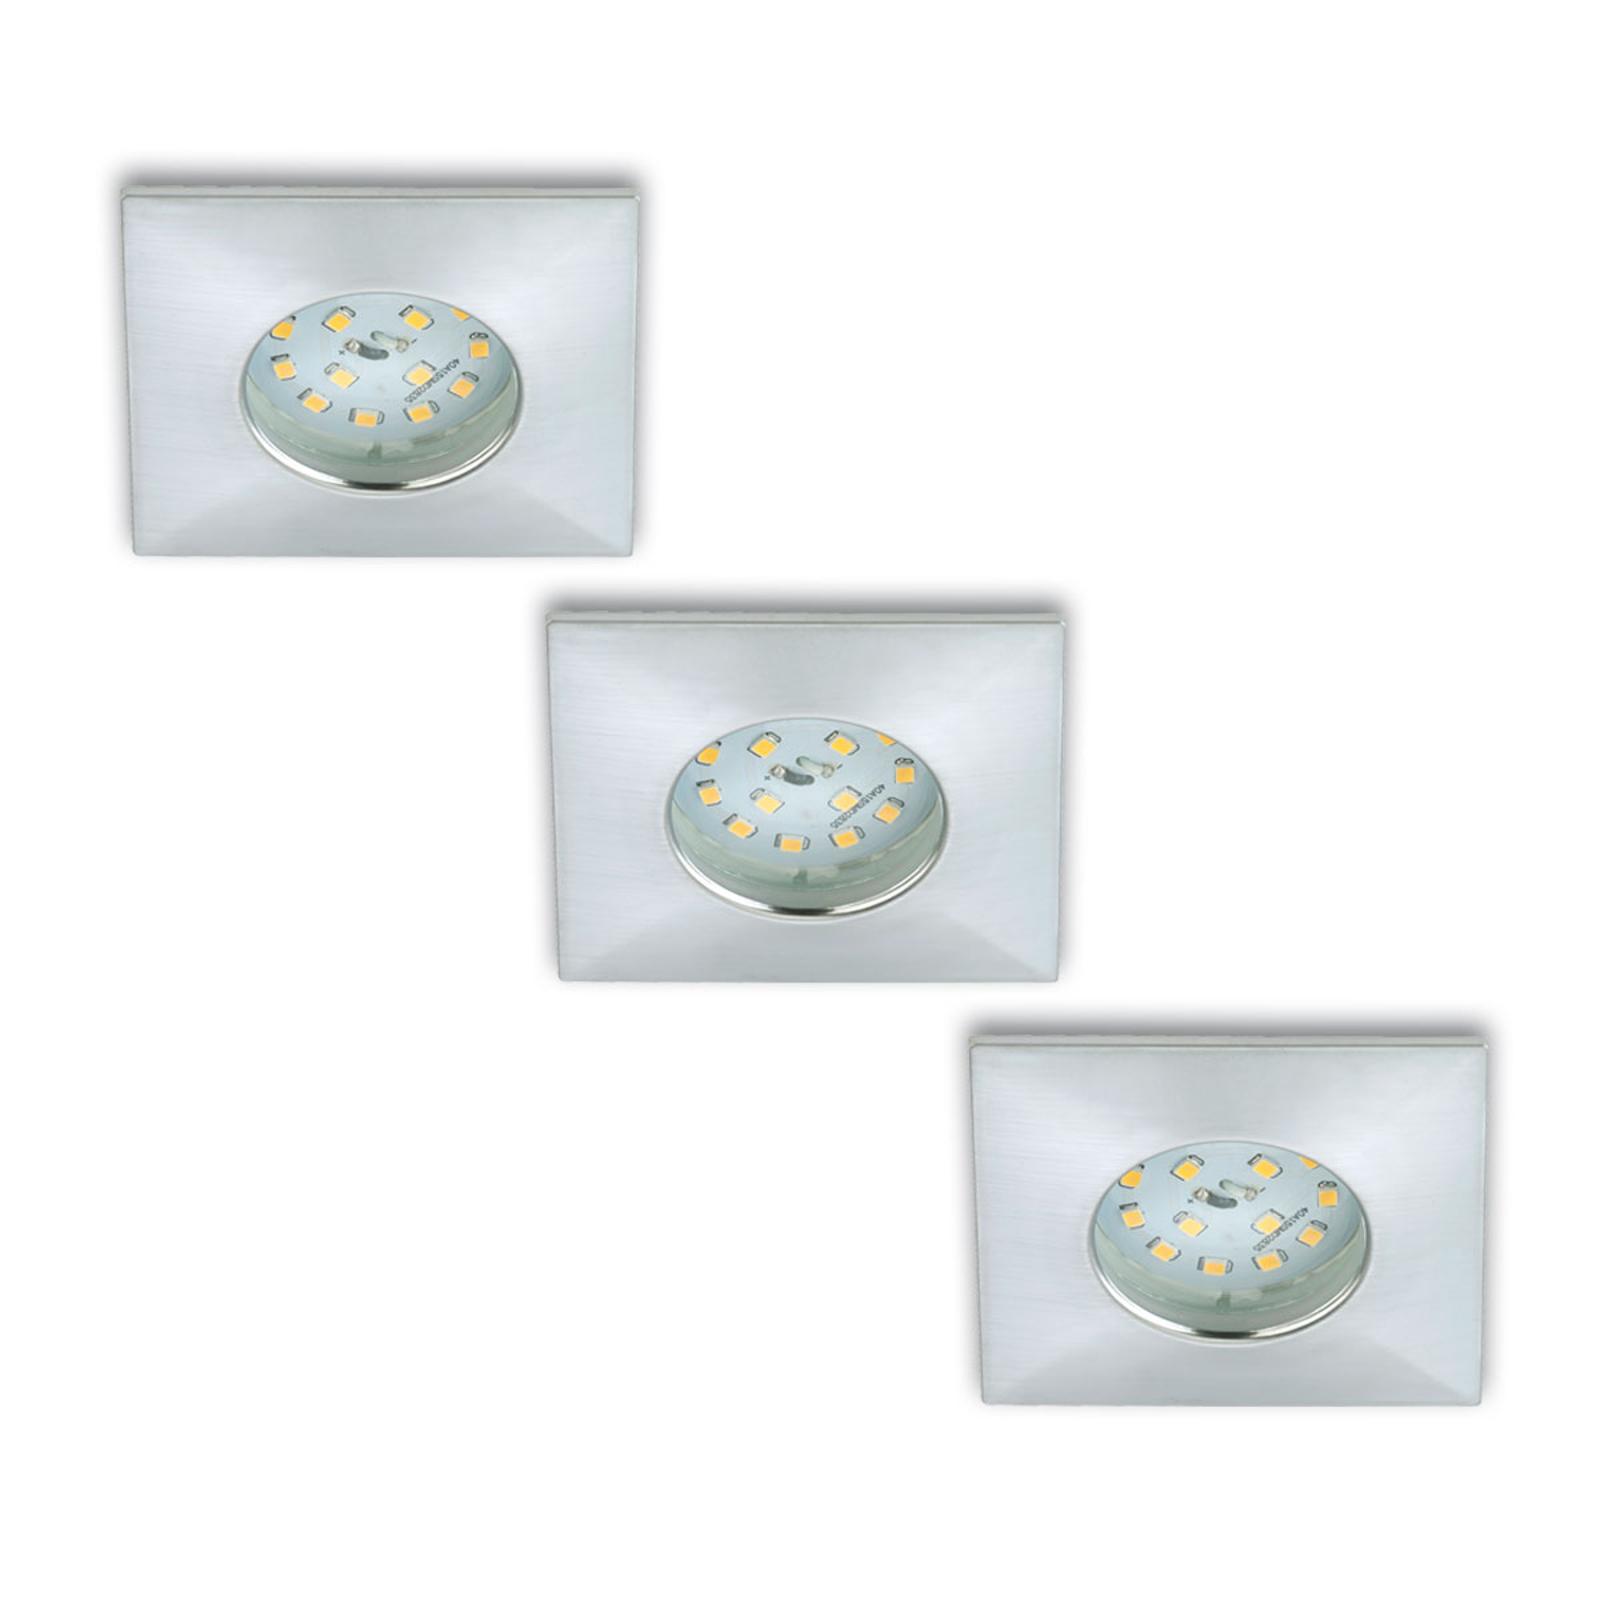 Faretto LED incasso Luca set 3x IP44 alluminio